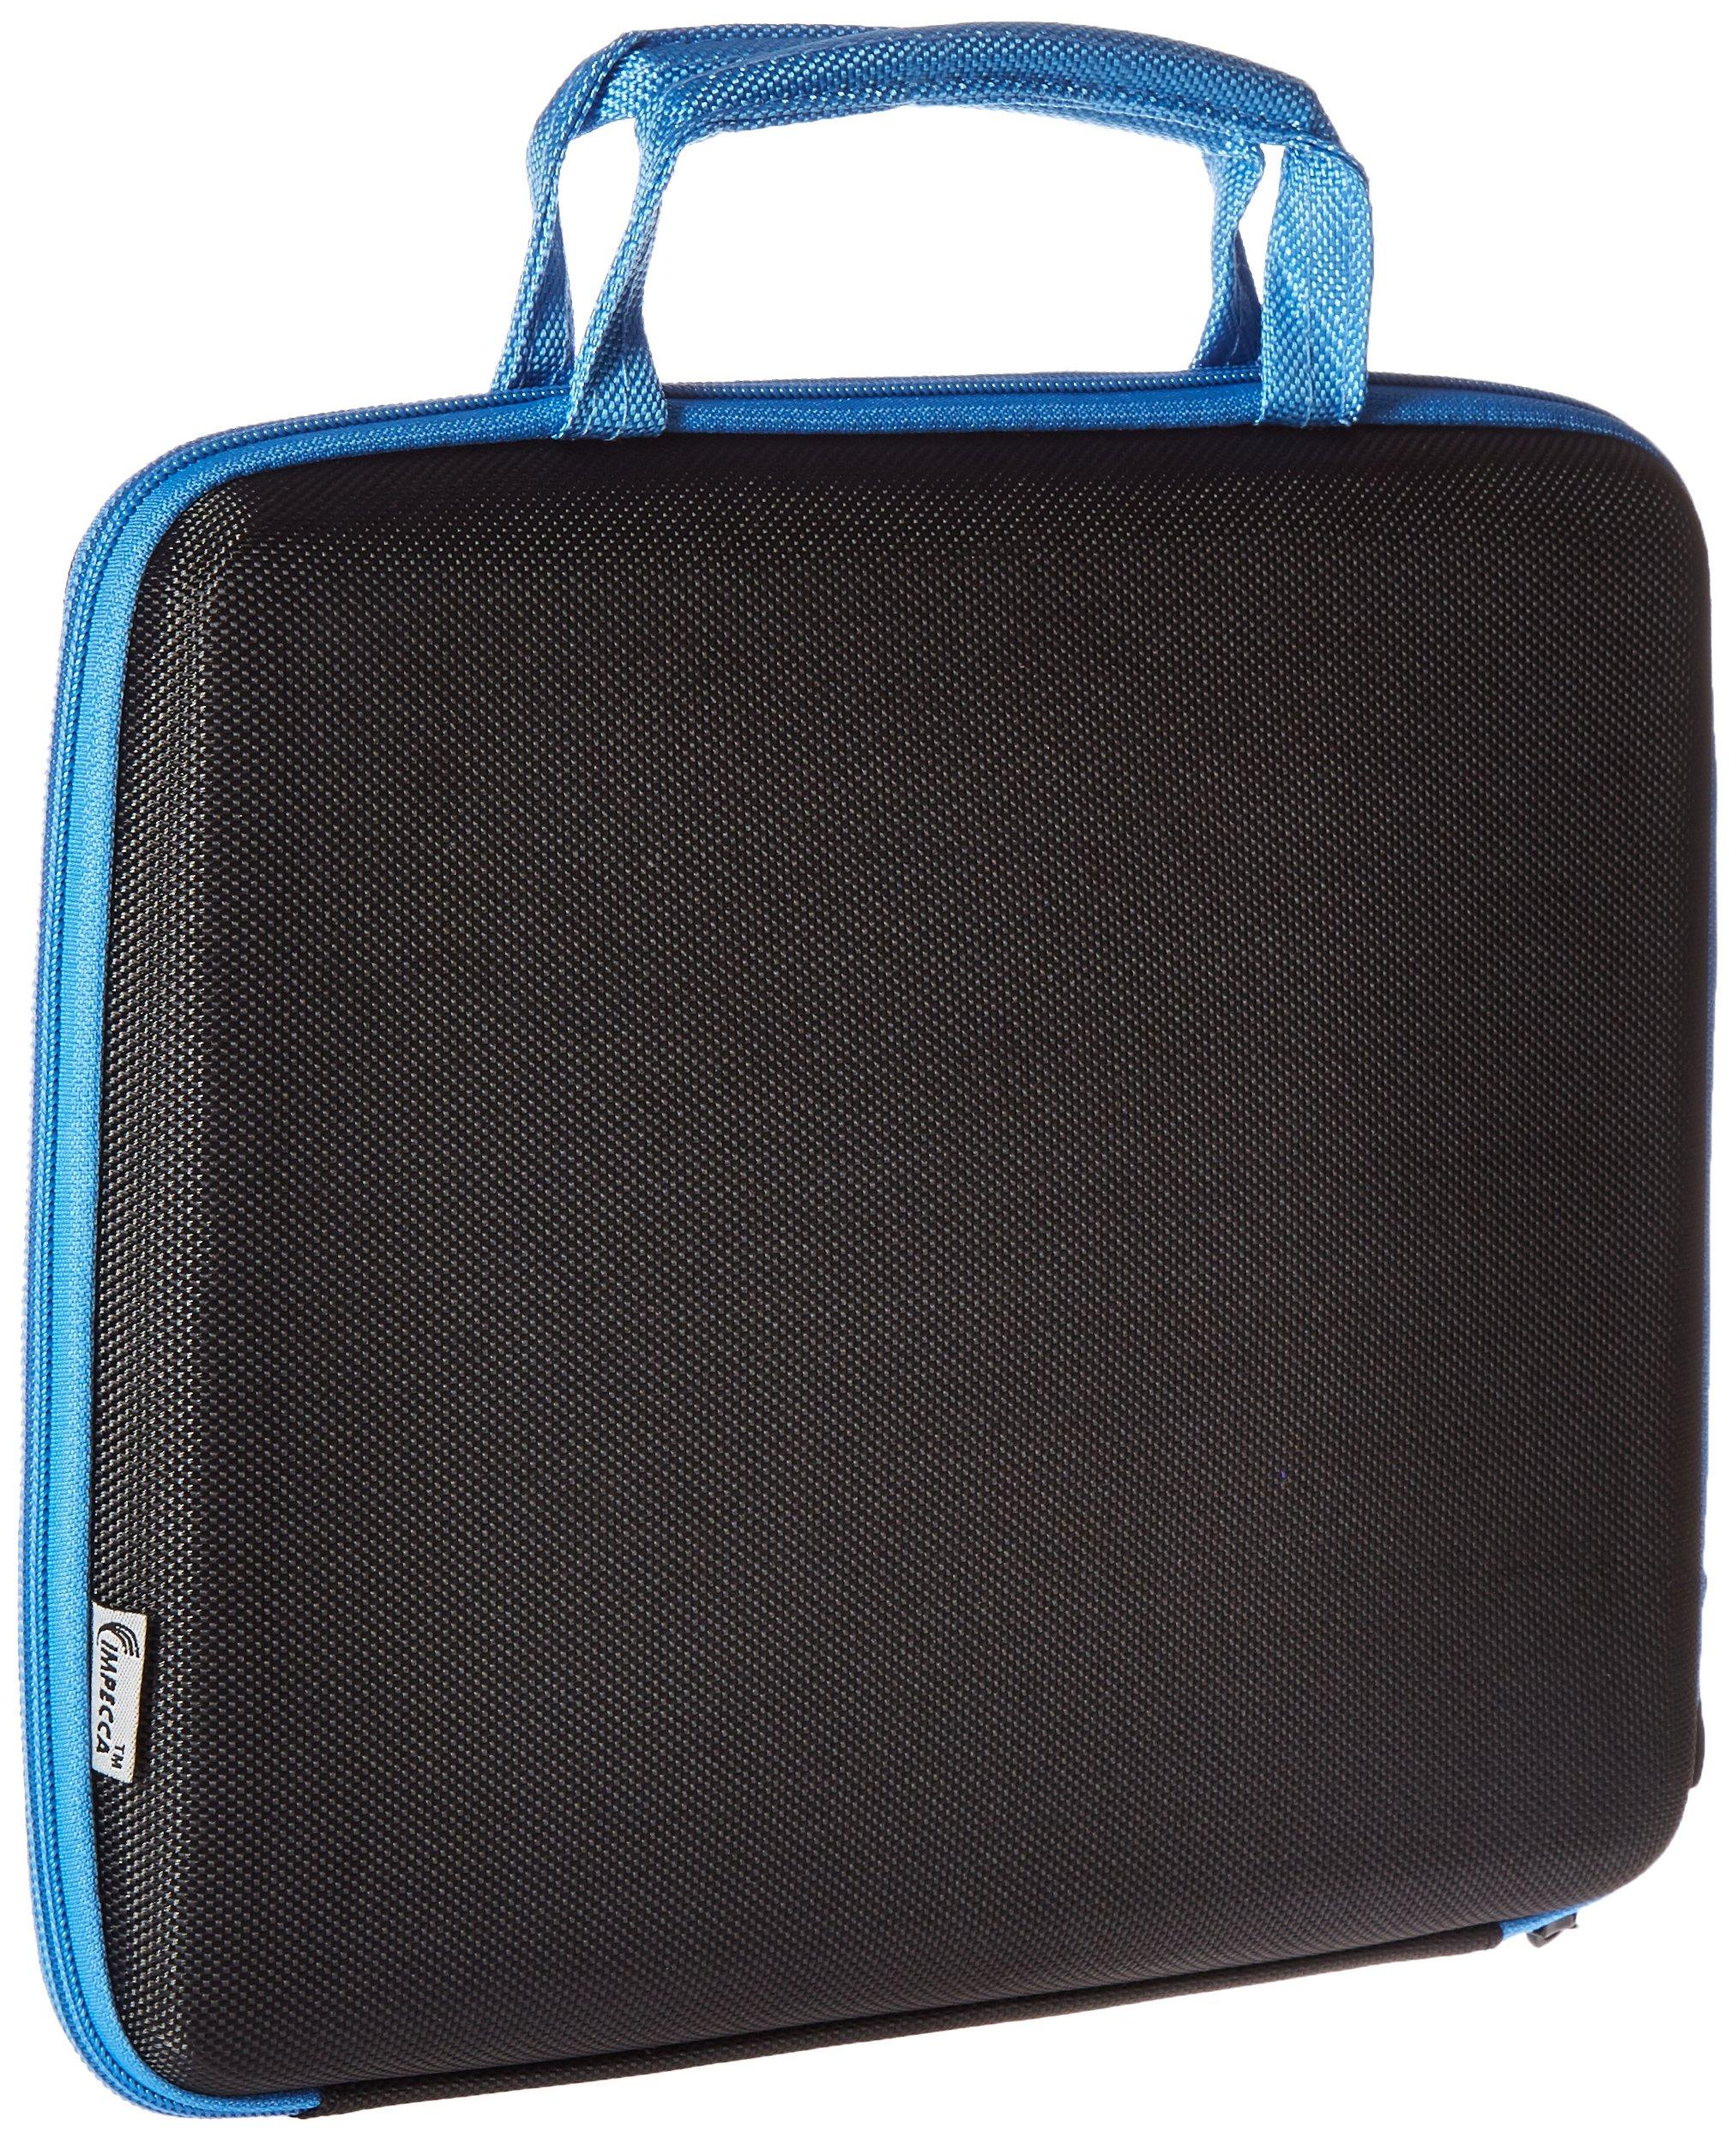 I Love NY Sleek Netbook Case, Black/Blue (ILNLAP1160KB) by I Love NY (Image #2)